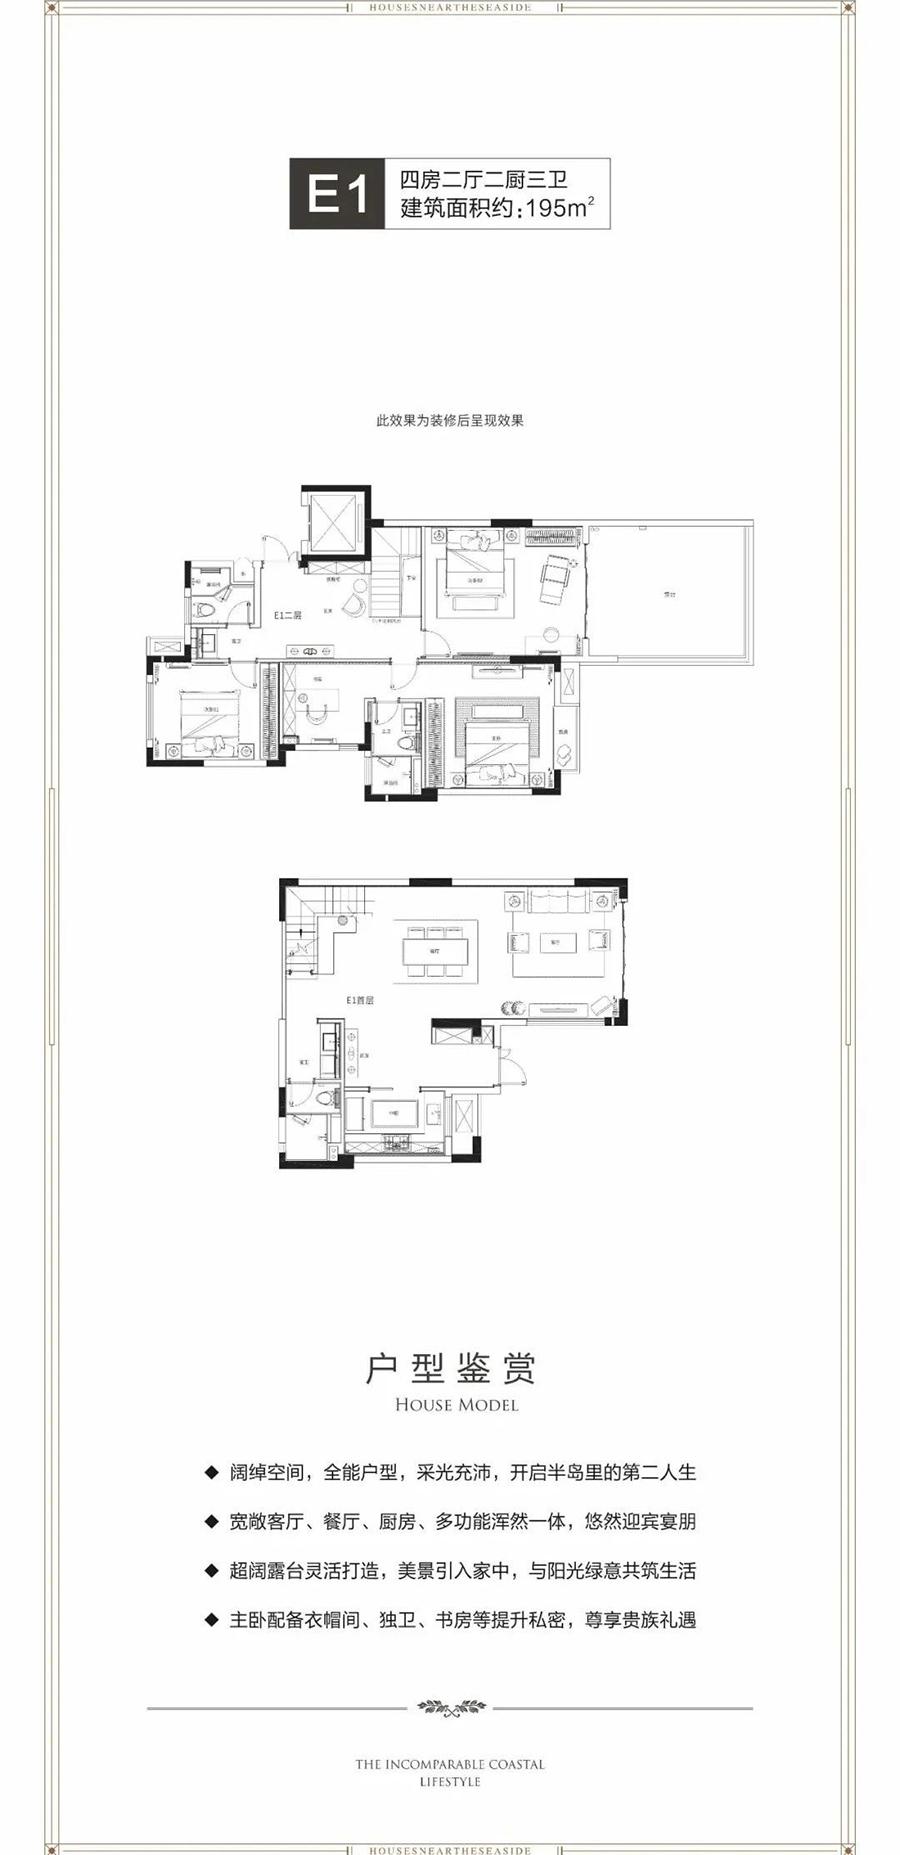 天赐上湾4房2厅1厨3卫 (建筑面积:195.00㎡)